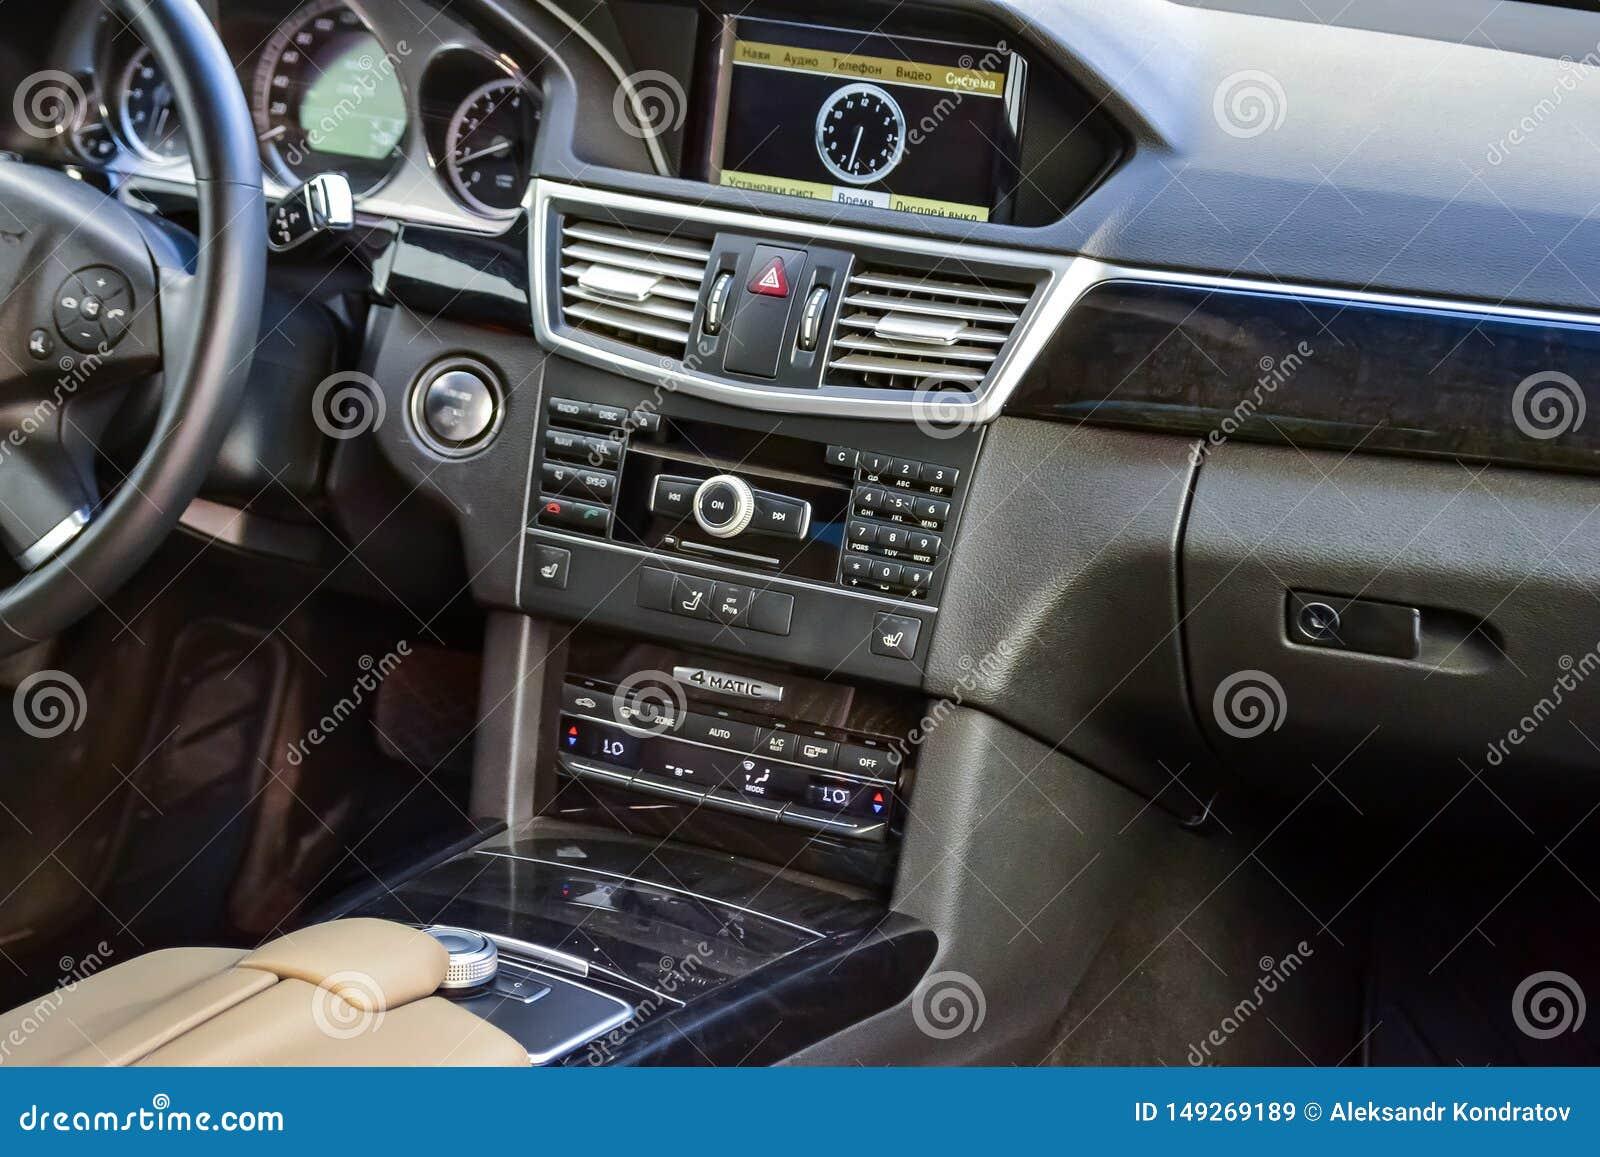 Ansicht zum wei?en Innenraum von Mercedes E-klassew212 mit Armaturenbrett, Uhr, Mittelsystem, vordere Sitze und shiftgear nachher